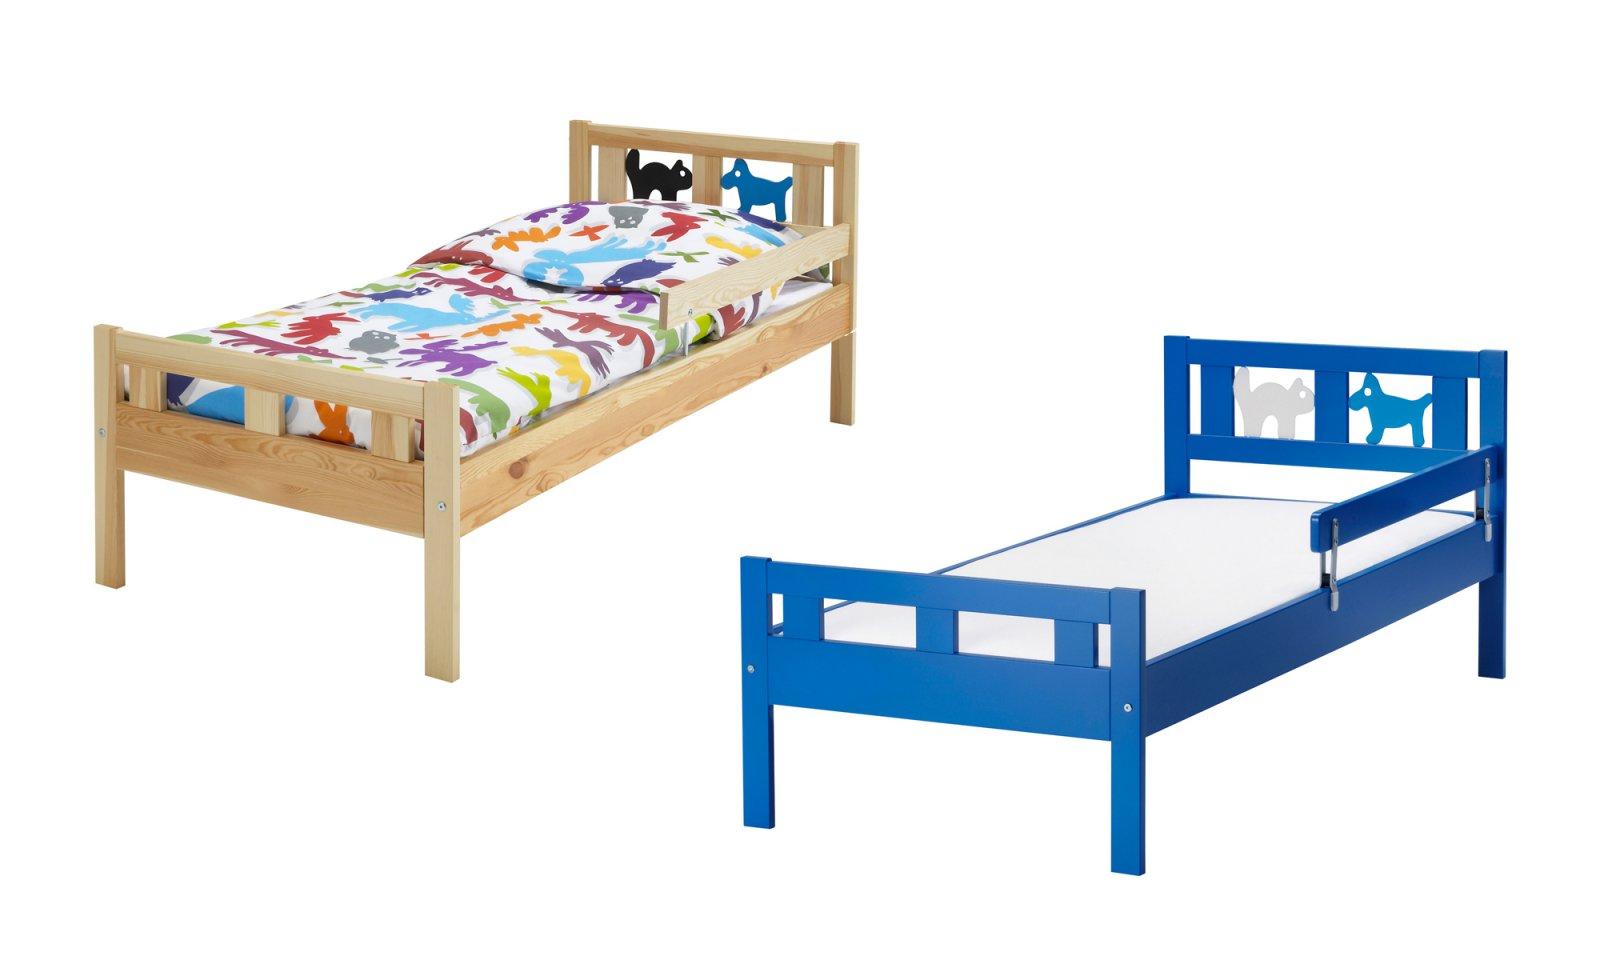 Mobiliario para ni os kritter de ikea decoraci n del hogar - Ikea camas para ninos ...